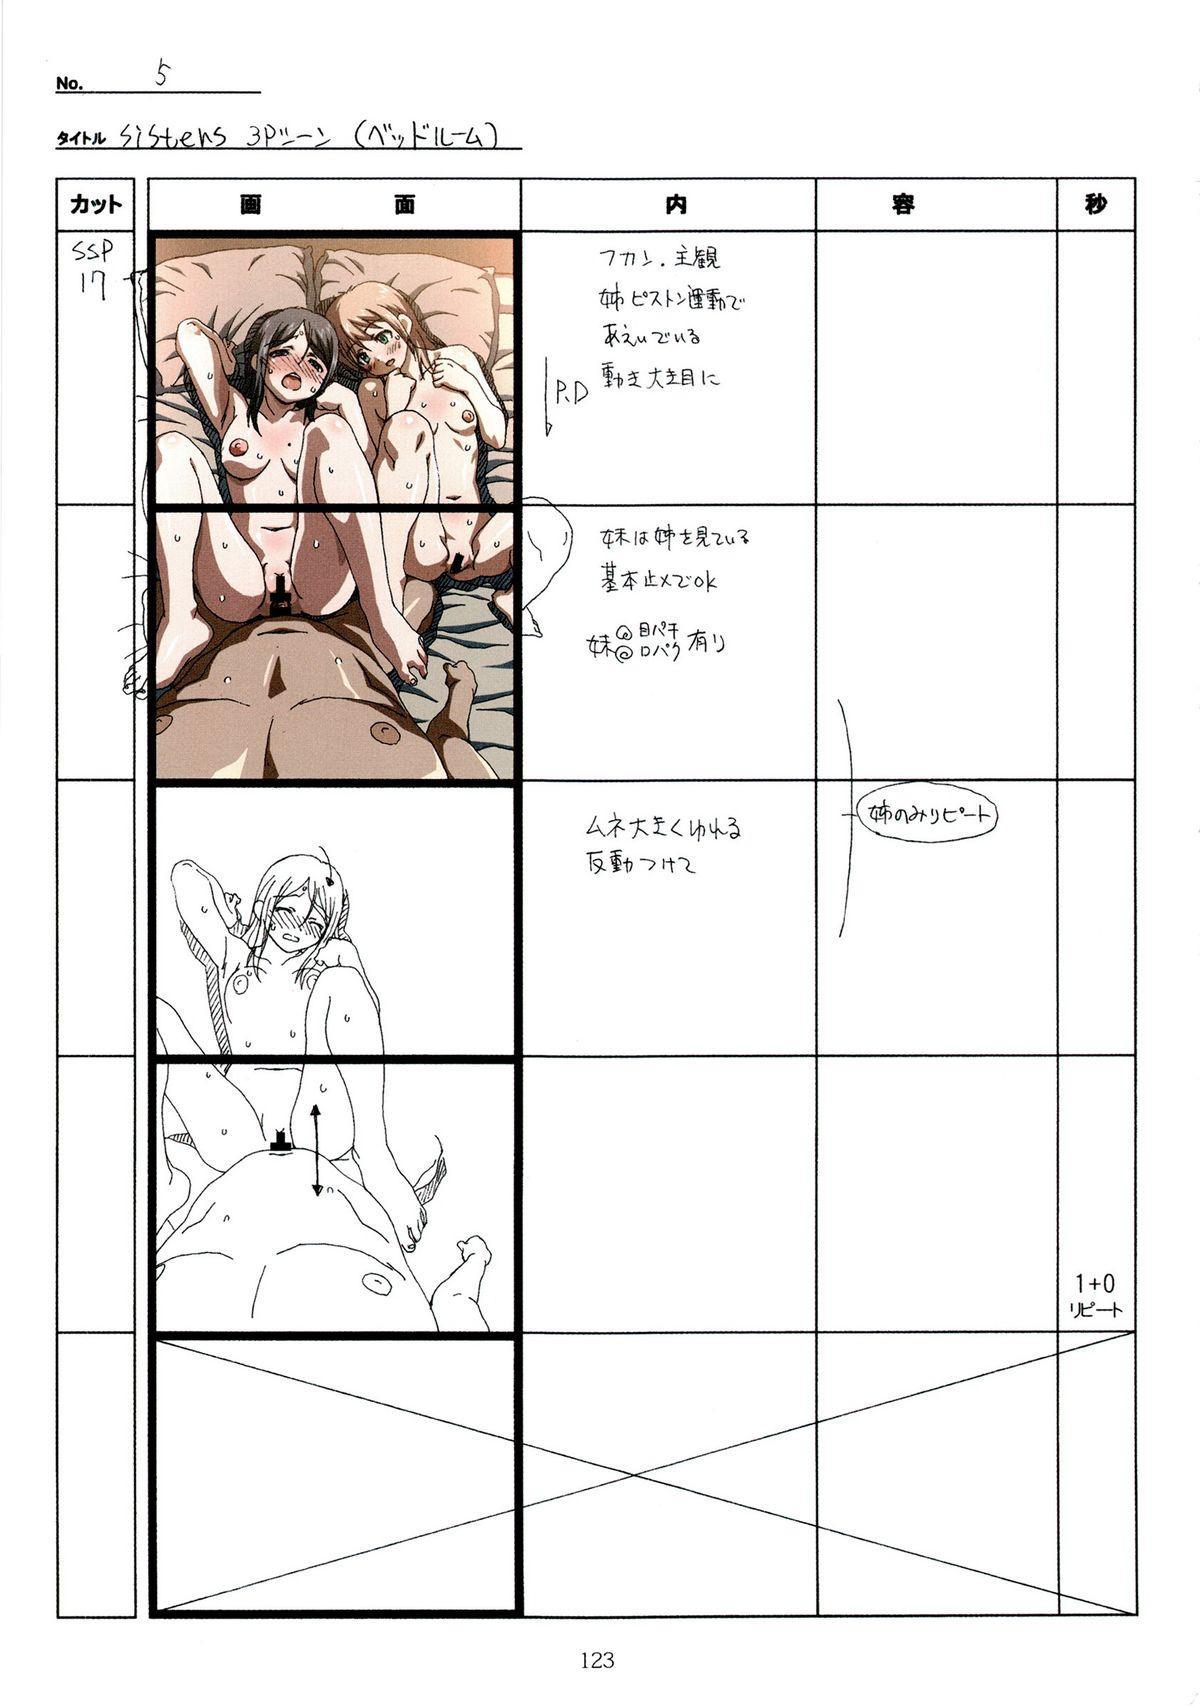 (C89) [Makino Jimusho (Taki Minashika)] SISTERS -Natsu no Saigo no Hi- H Scene All Part Storyboard (SISTERS -Natsu no Saigo no Hi-) 122